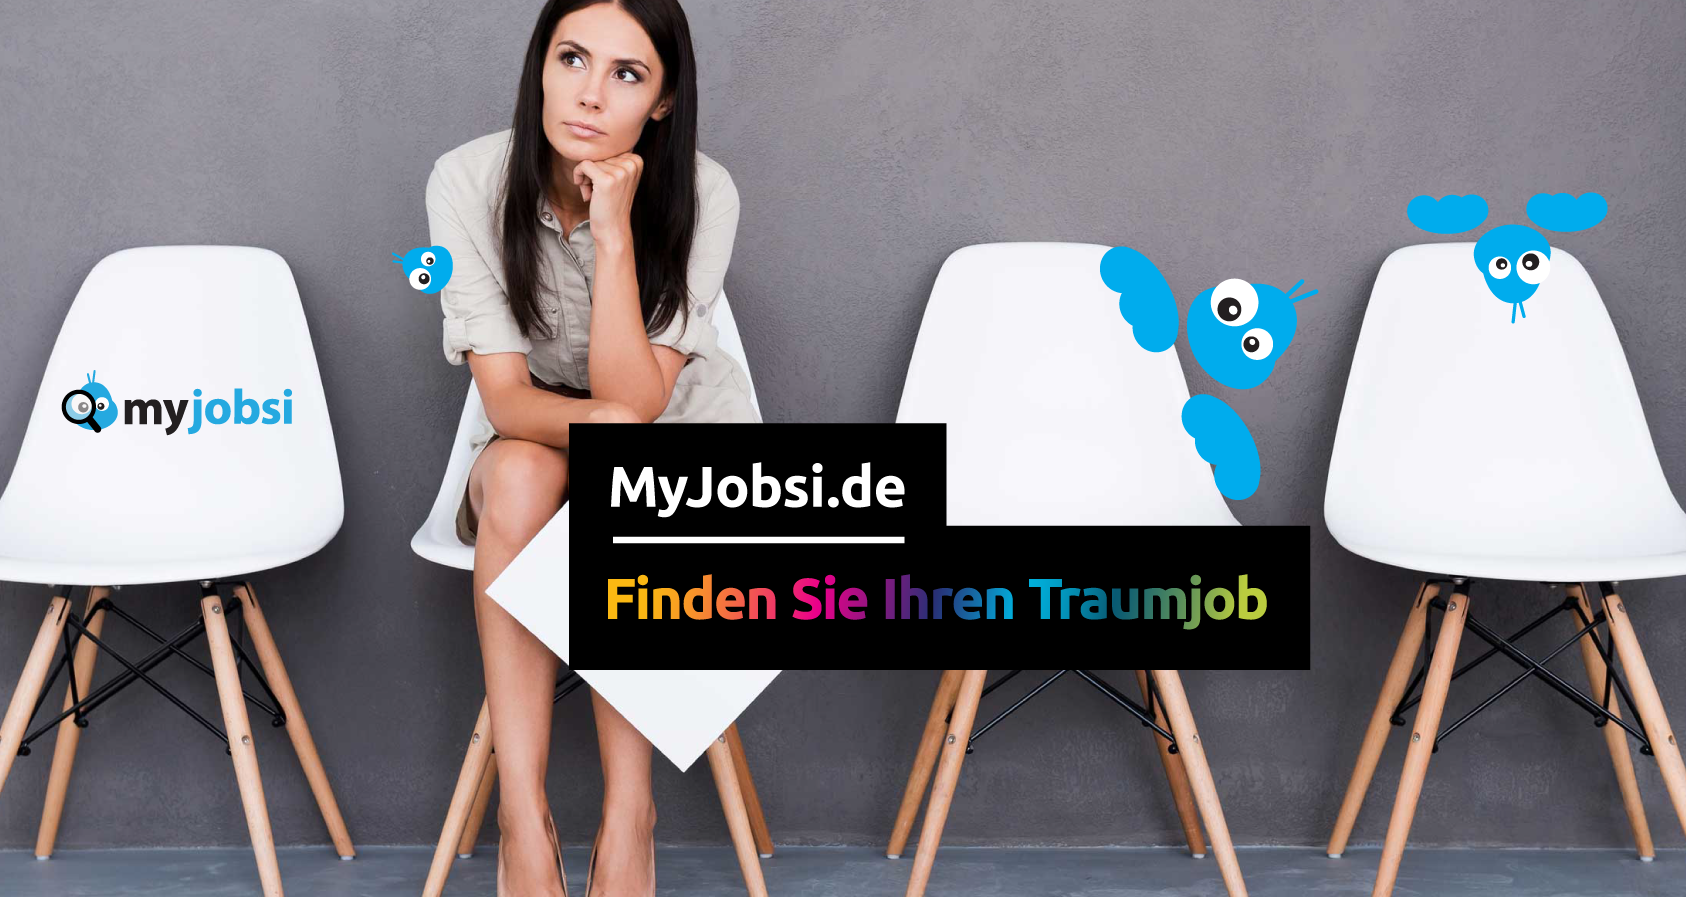 Jobbörse | Stellenangebote und Jobs | MyJobsi.de